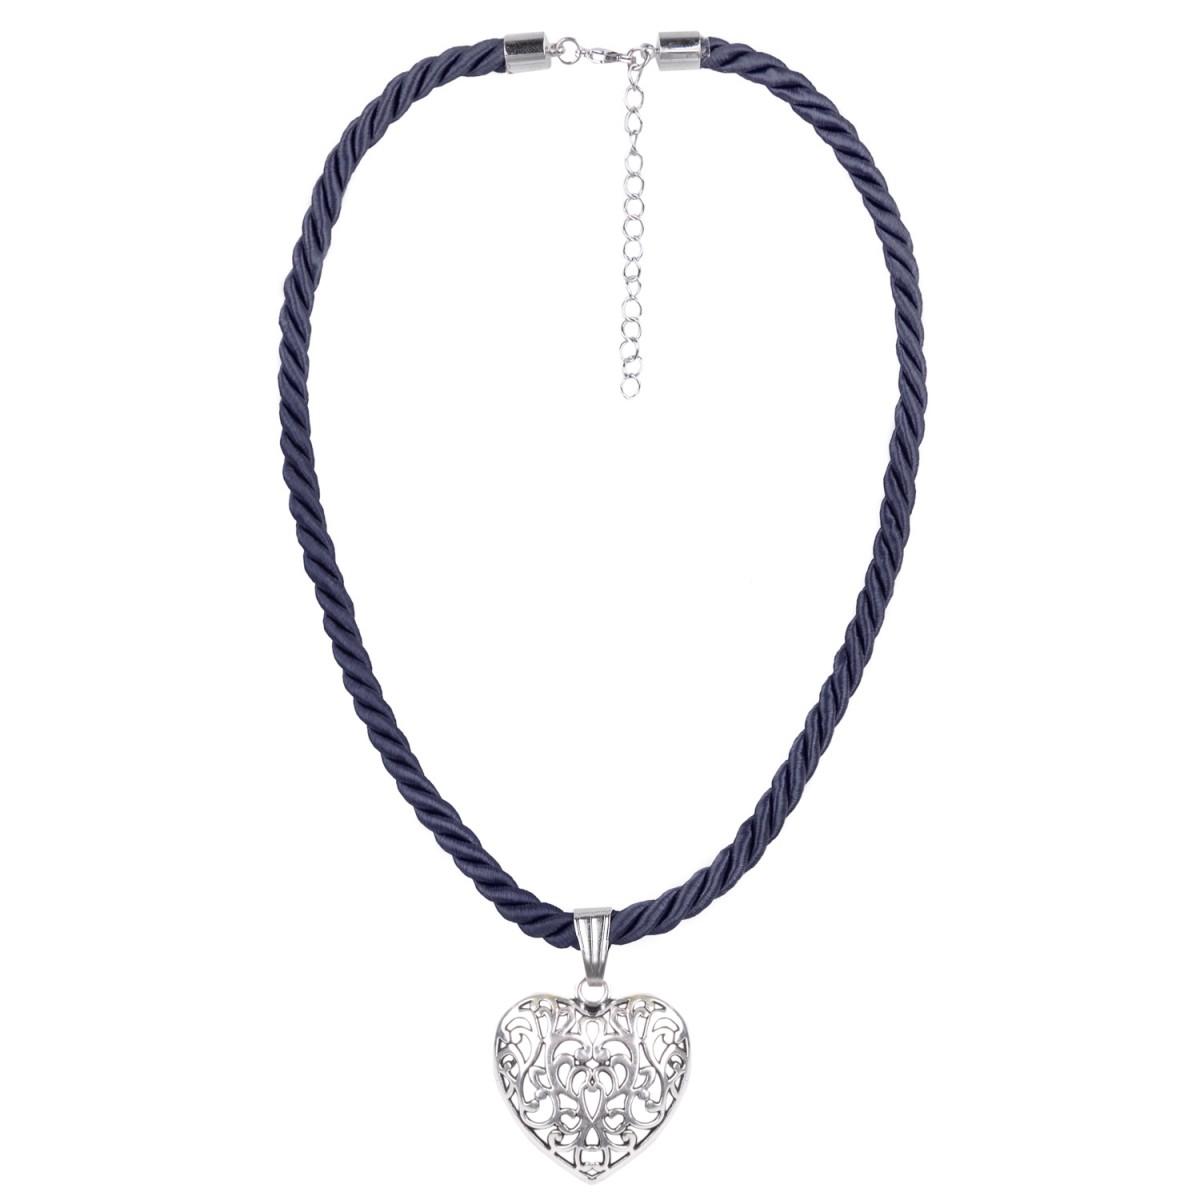 blaue Kordelkette von Schlick Accessoires